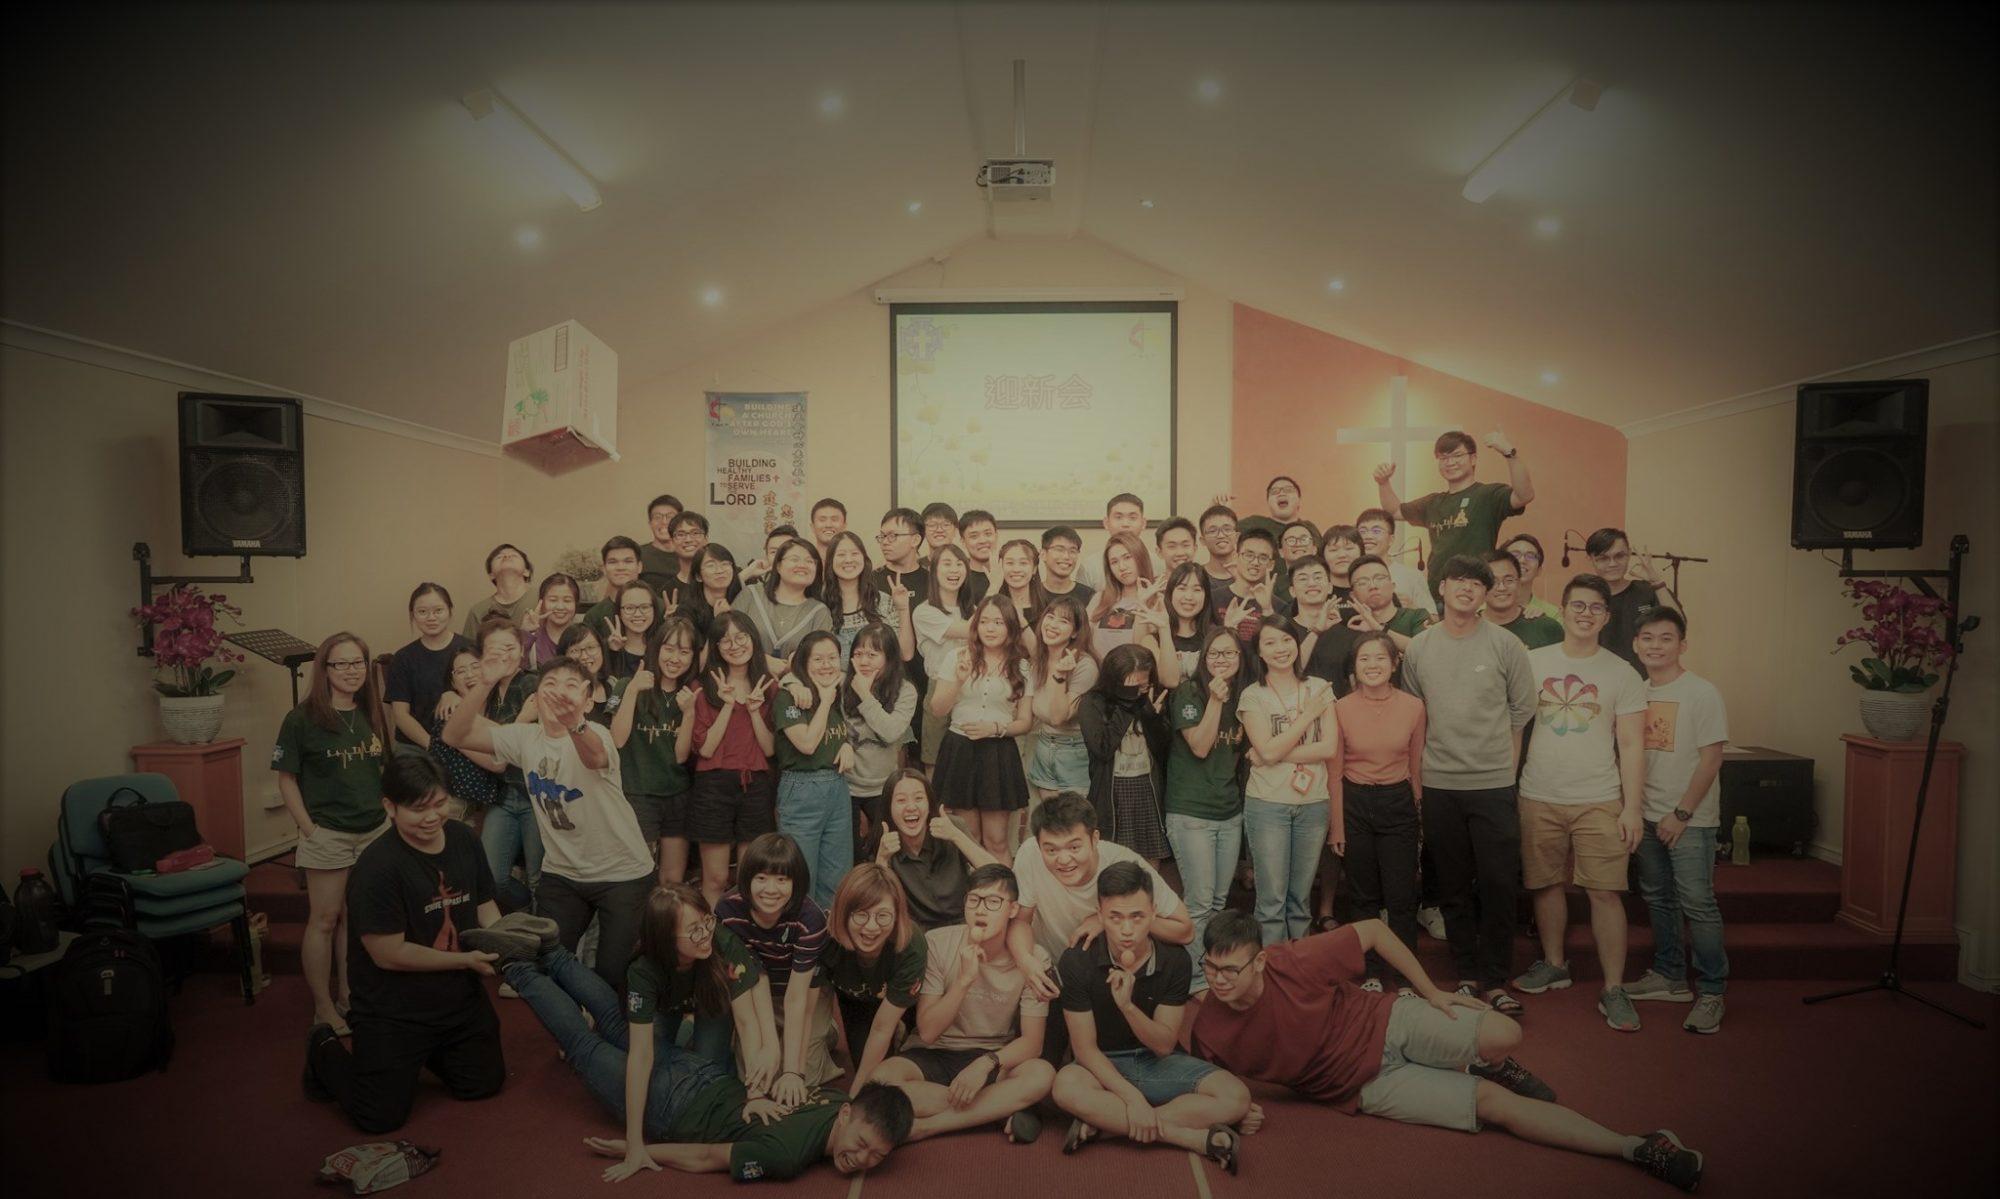 Immanuel Methodist Church 神恩堂 IMC